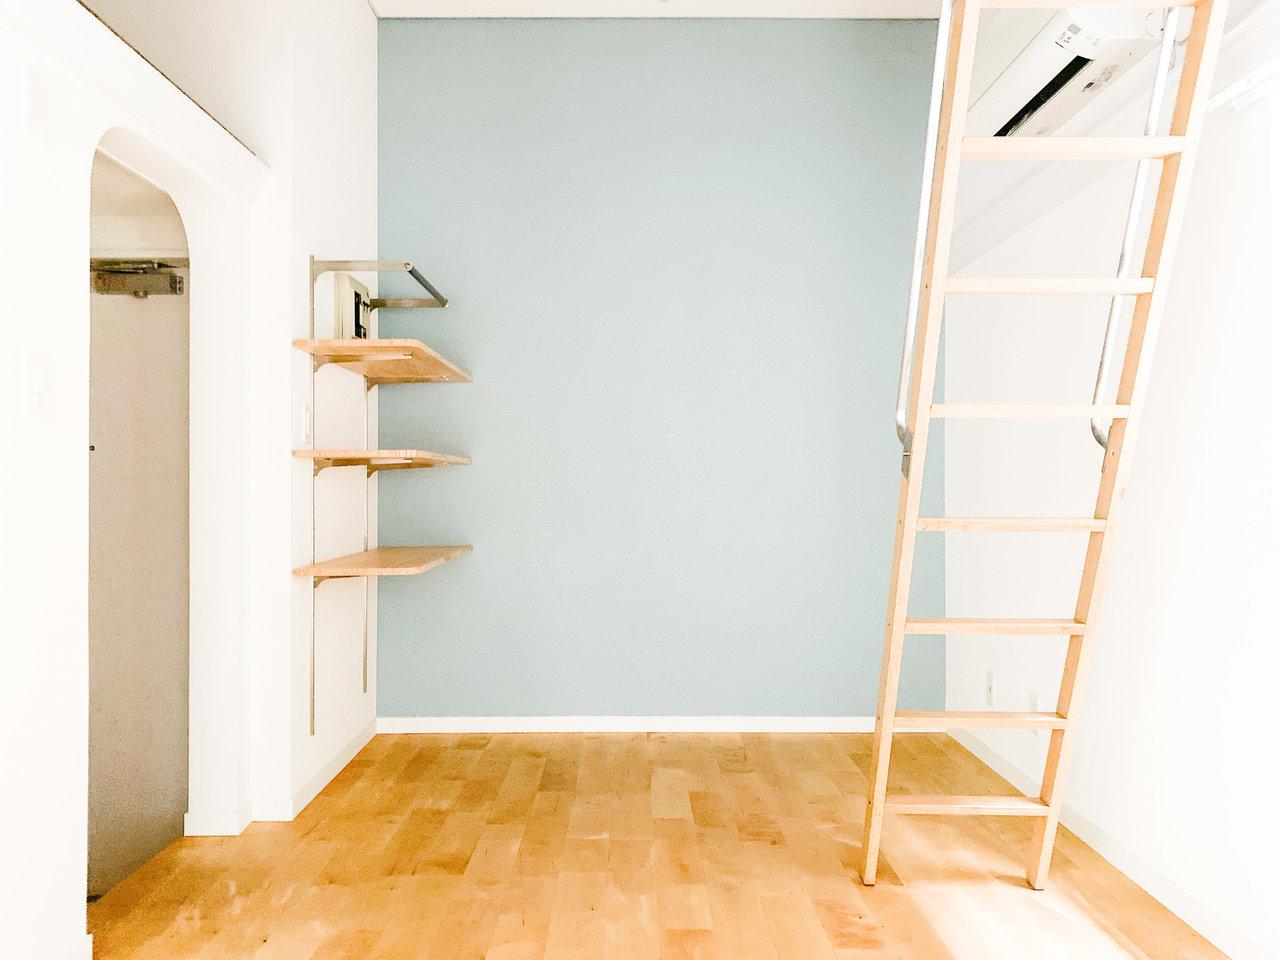 goodroomのオリジナルリノベーション、「TOMOS」仕様のお部屋。水色のクロス×バーチの無垢床がキュートな1Kです。